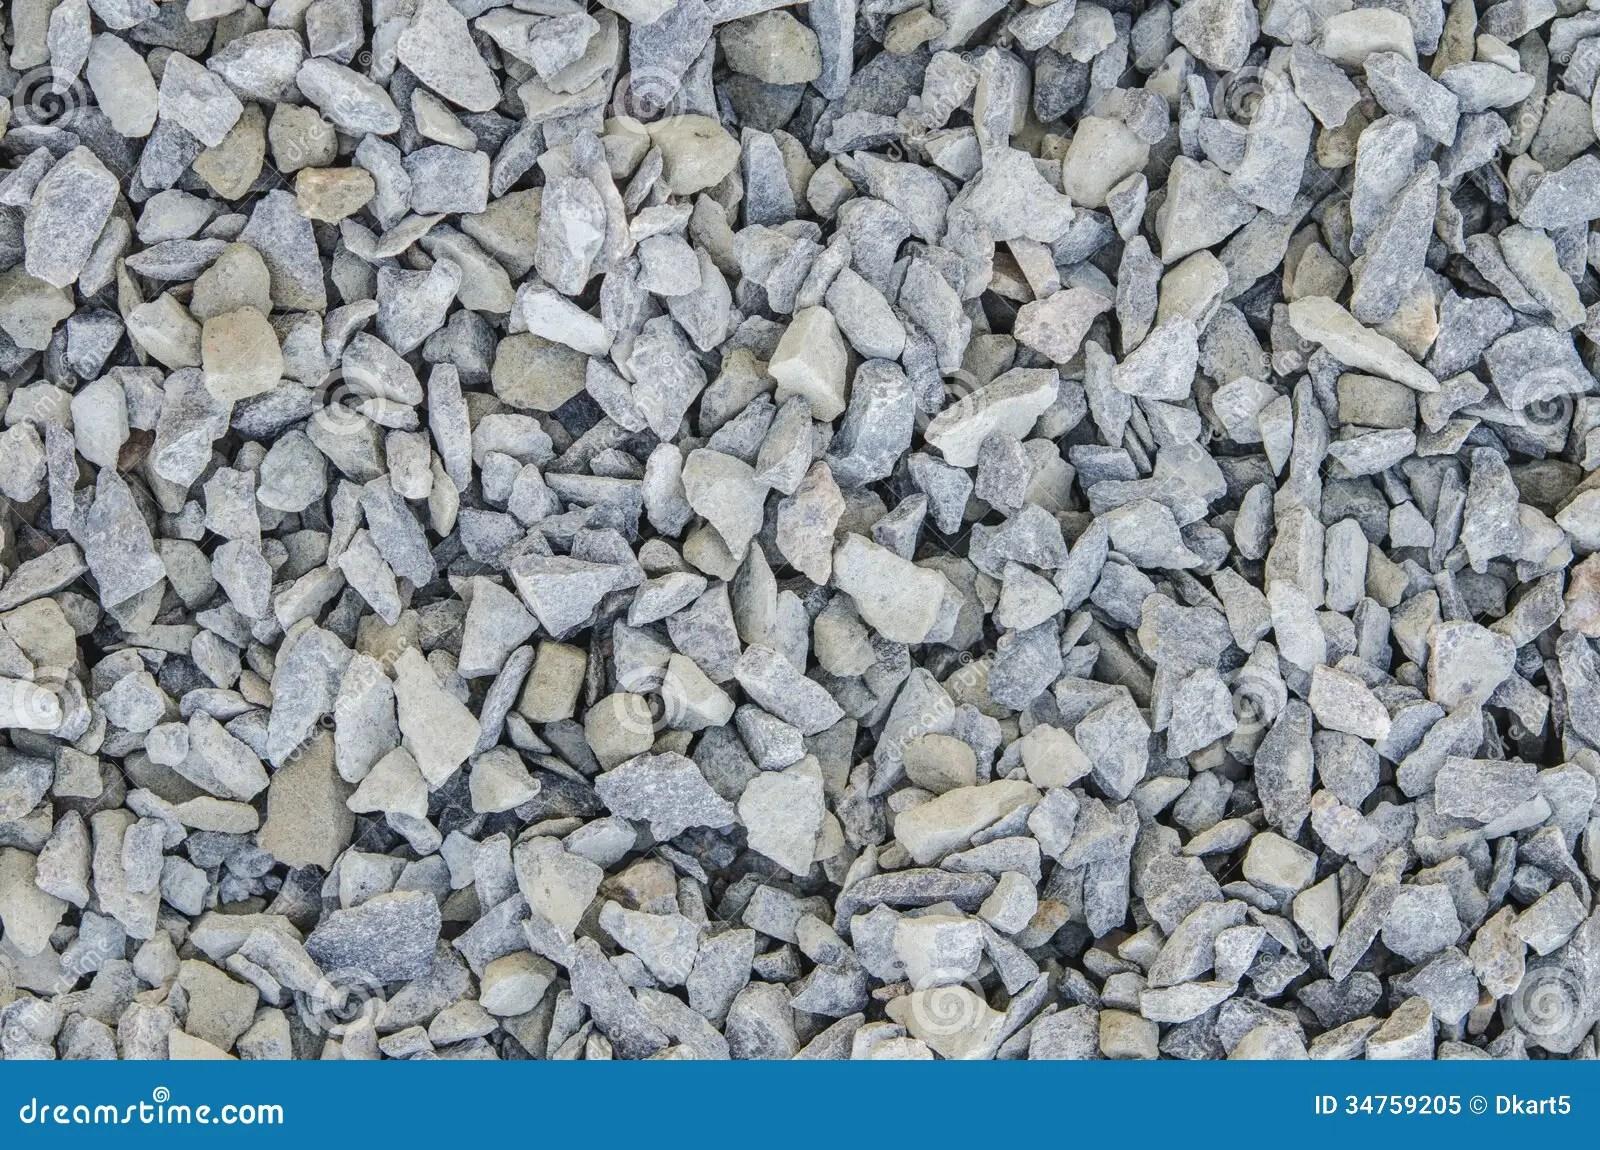 White Pebble Stone Prices